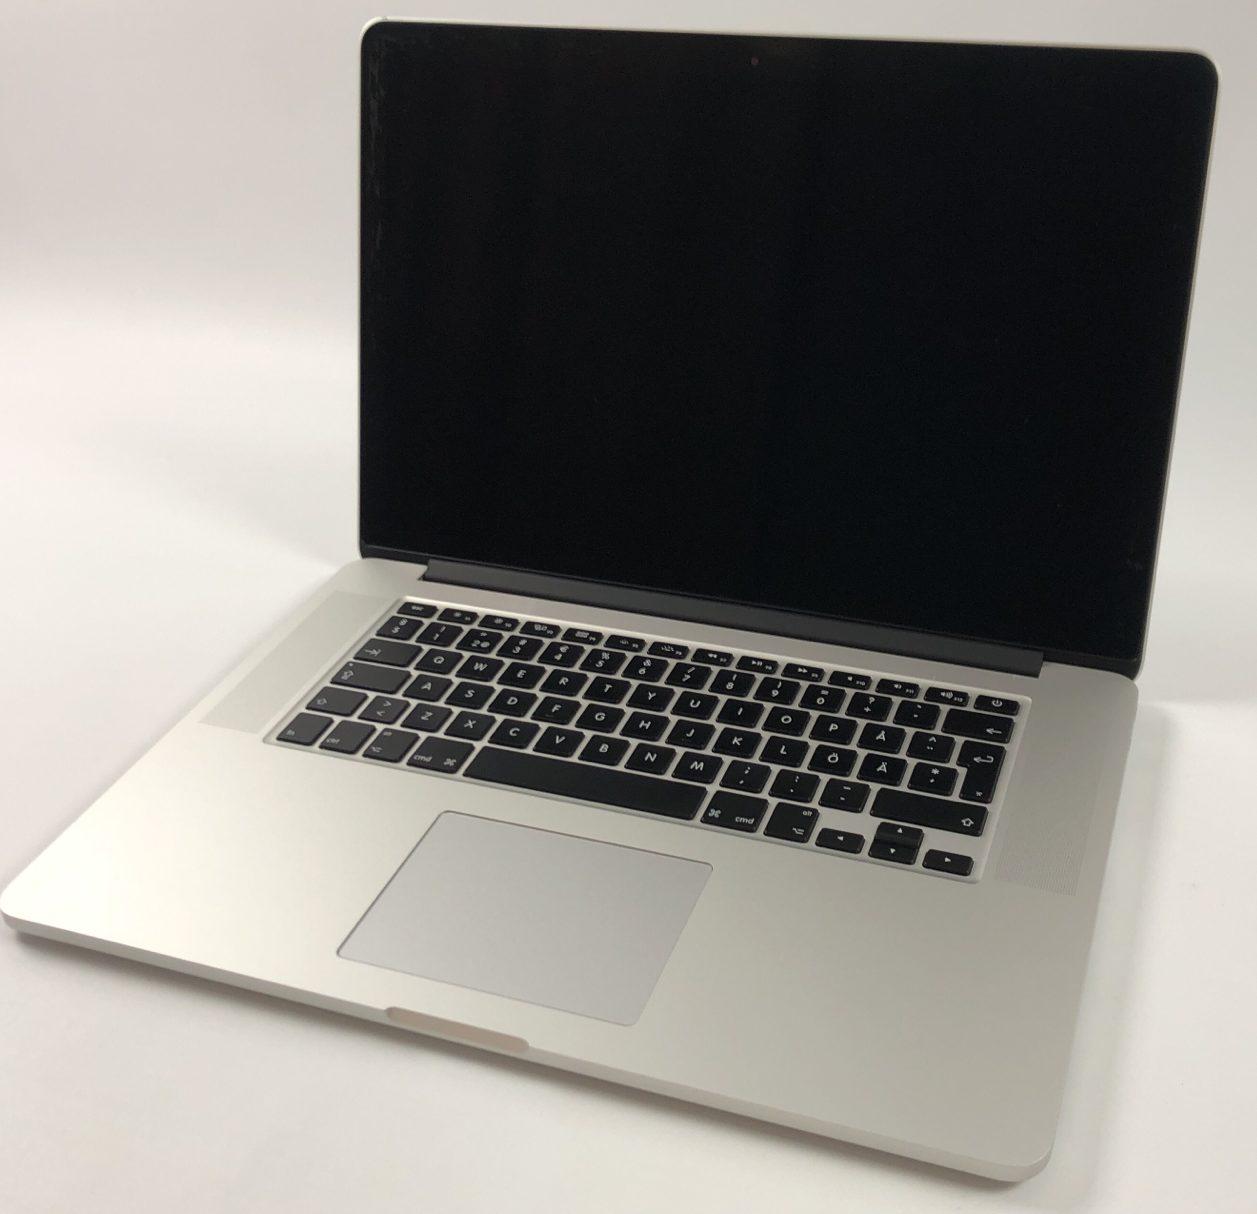 """MacBook Pro Retina 15"""" Mid 2015 (Intel Quad-Core i7 2.5 GHz 16 GB RAM 512 GB SSD), Intel Quad-Core i7 2.8 GHz, 16 GB RAM, 512 GB SSD, Bild 1"""